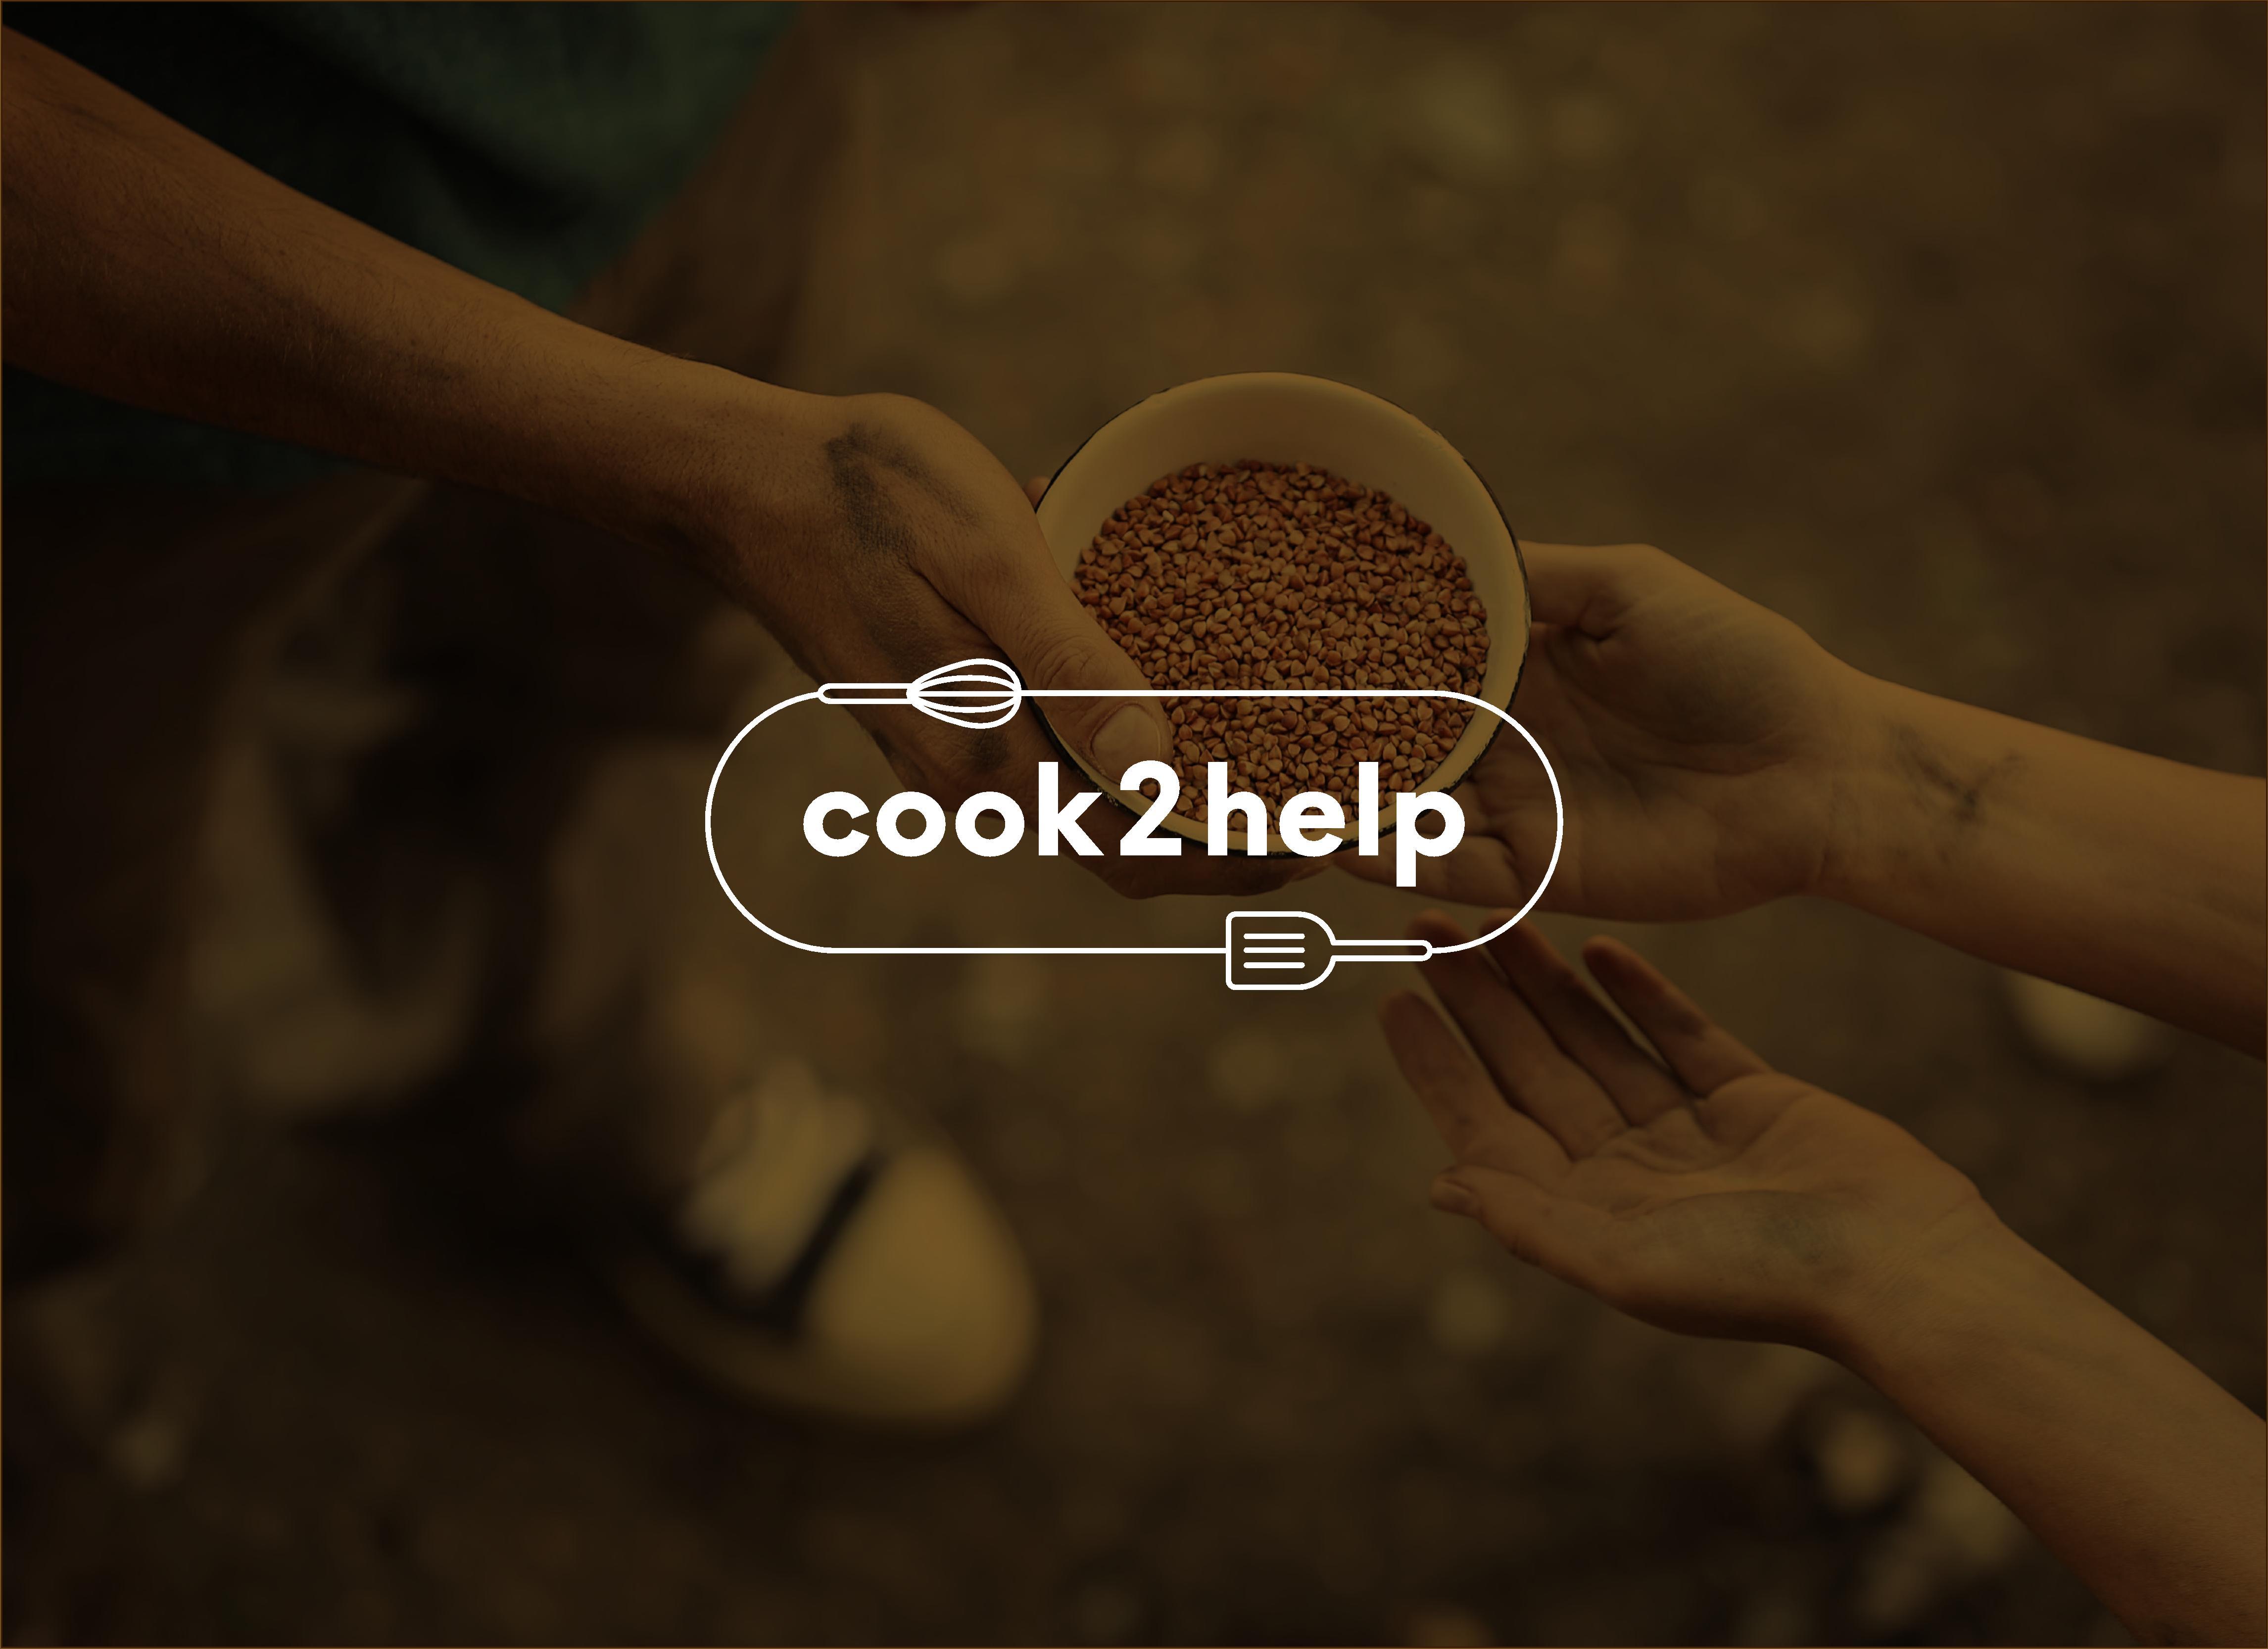 cook2help-page-011.jpg-BZmrMnGApTI6c1wQLQBaR0qa.jpg